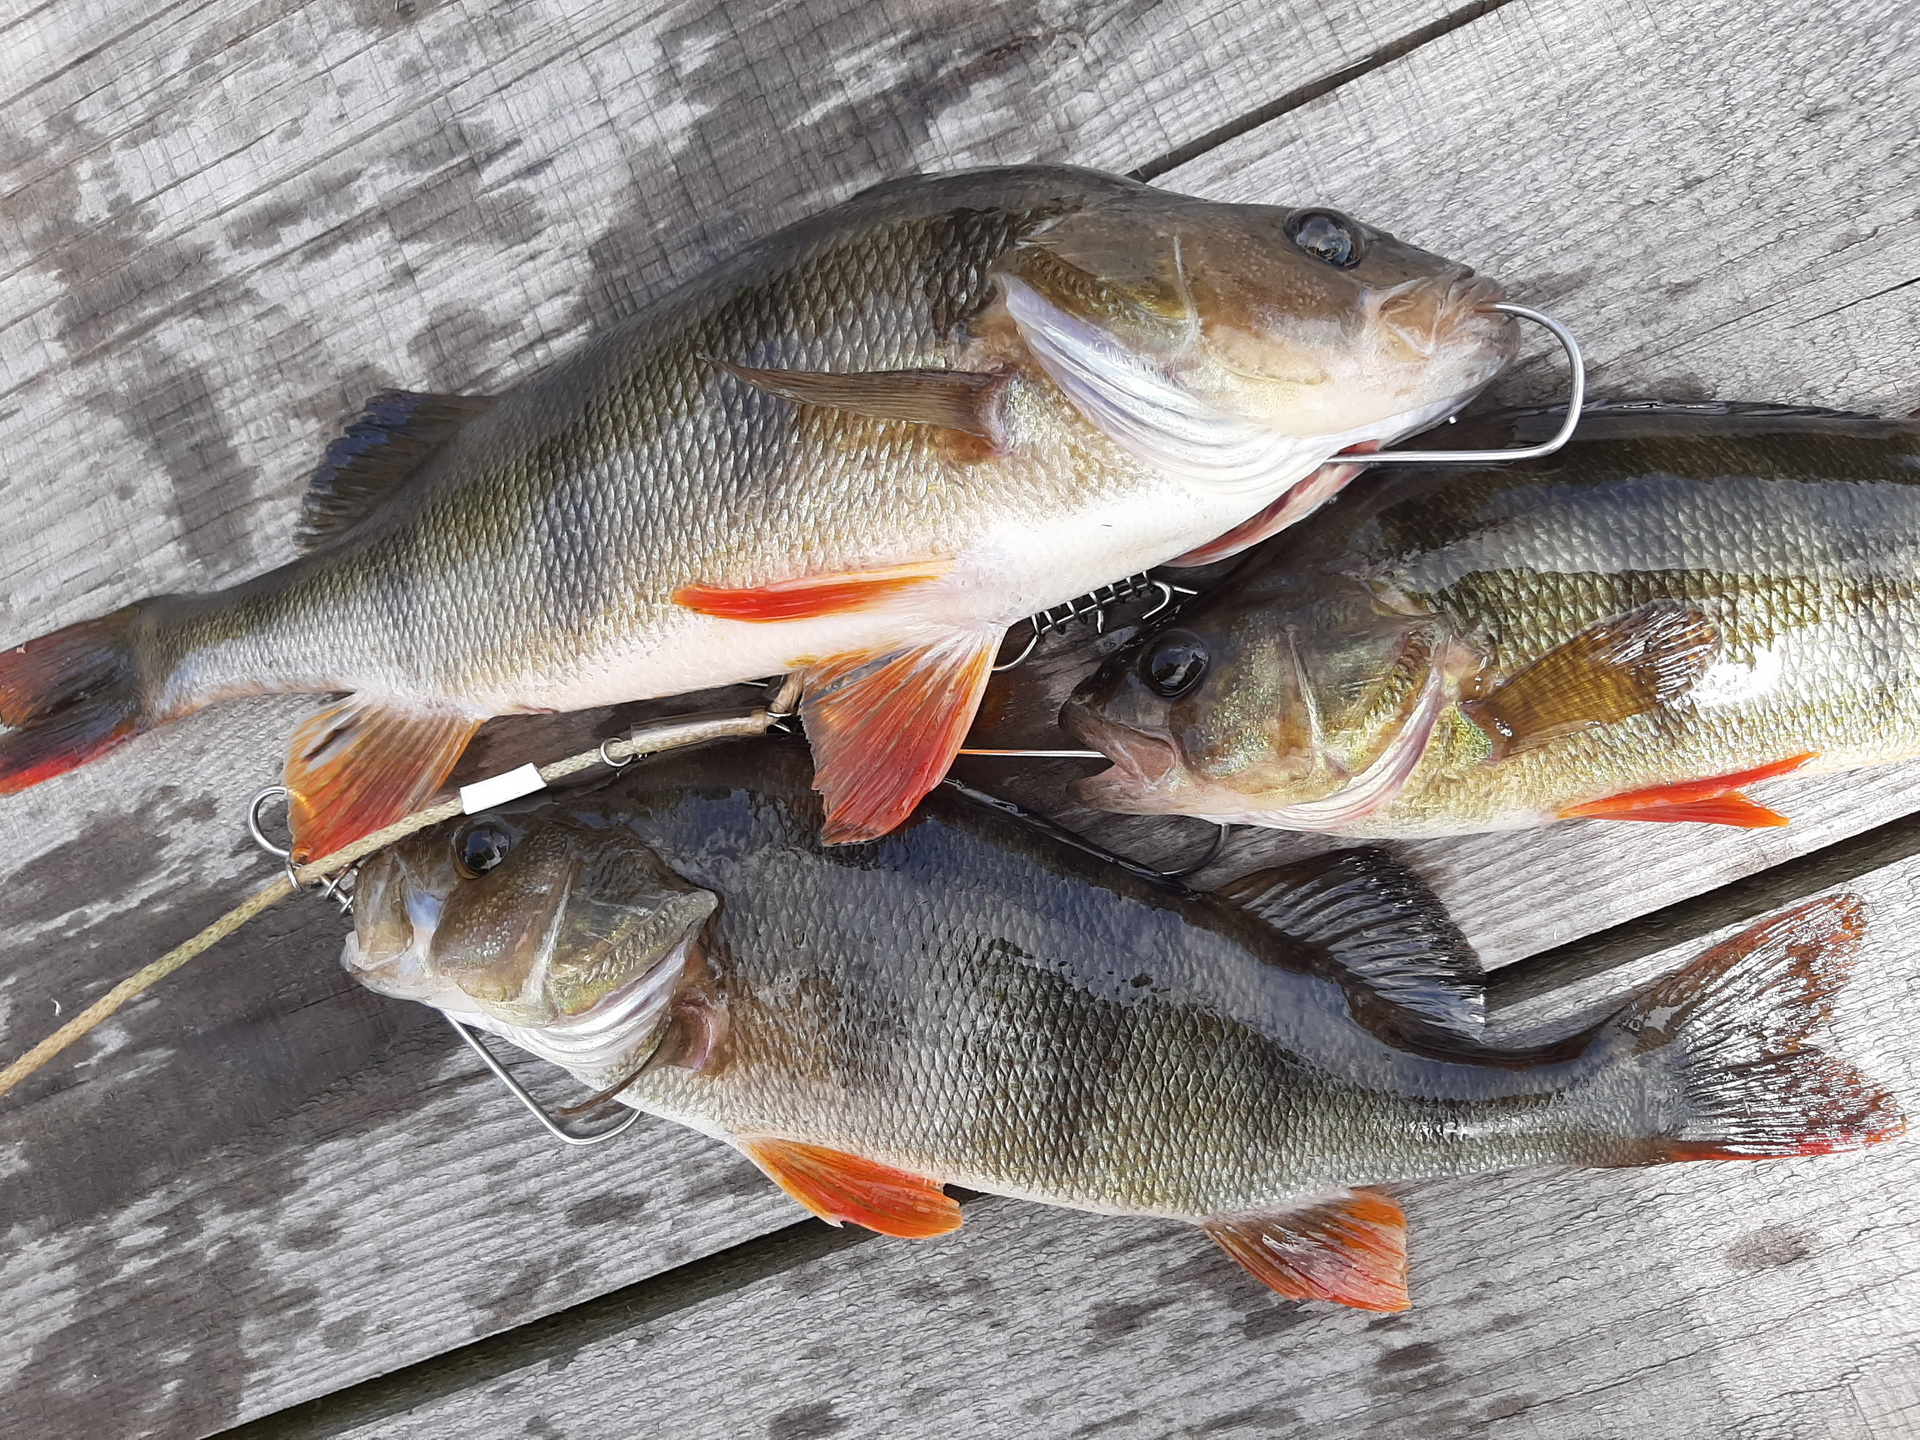 Погода внесла коррективы и выезд пришлось сдвинуть на ... | Отчеты о рыбалке в Беларуси